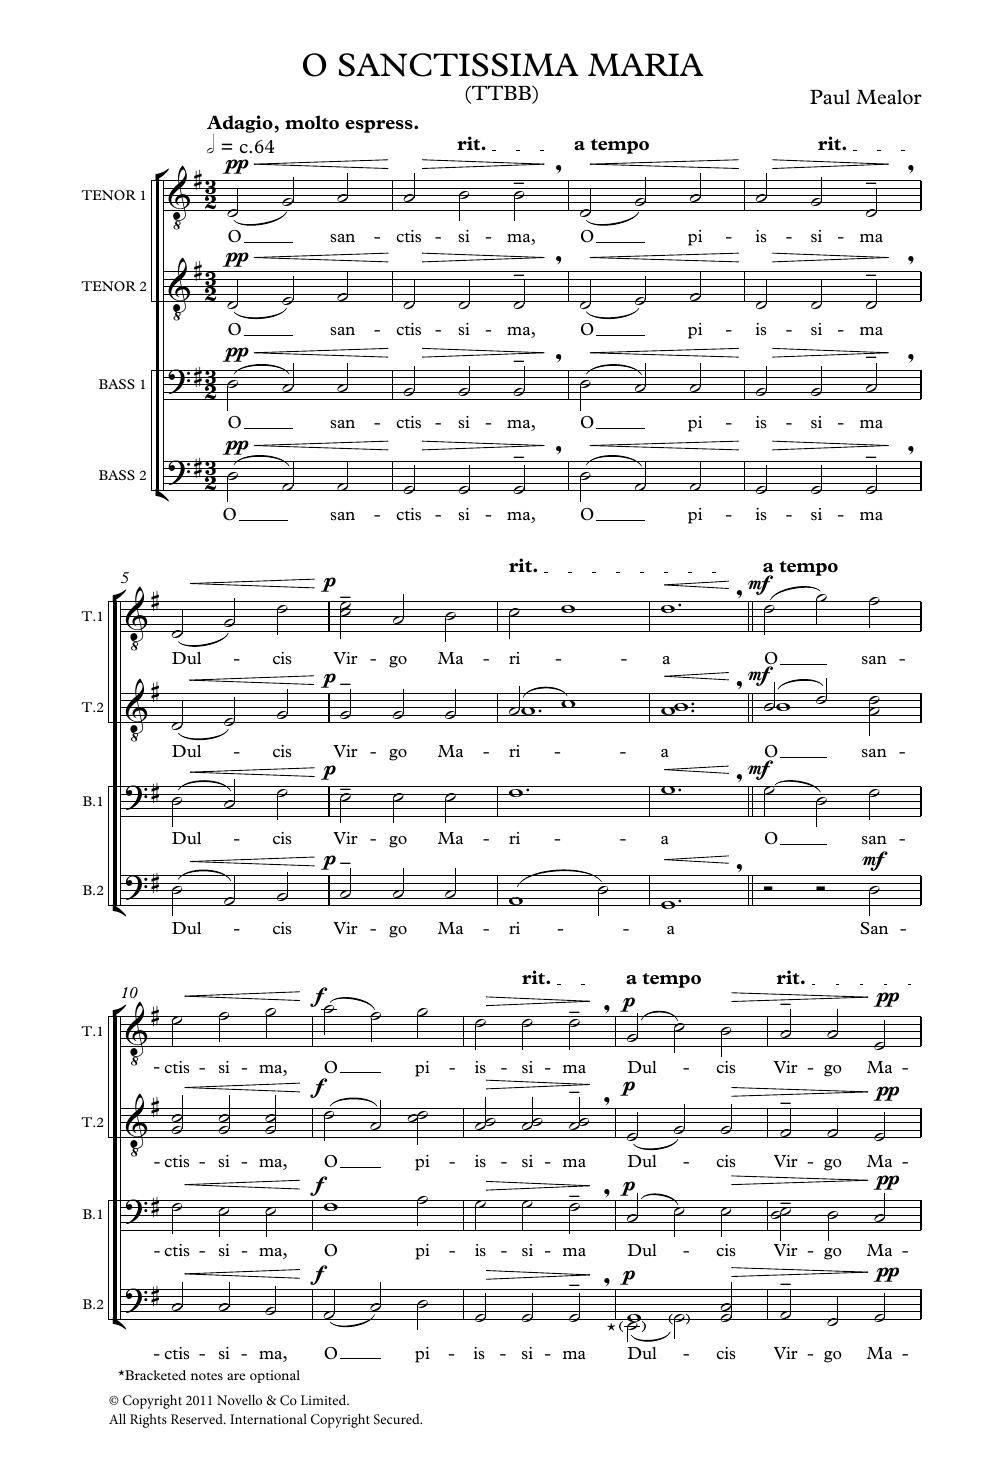 O Sanctissima Maria Sheet Music